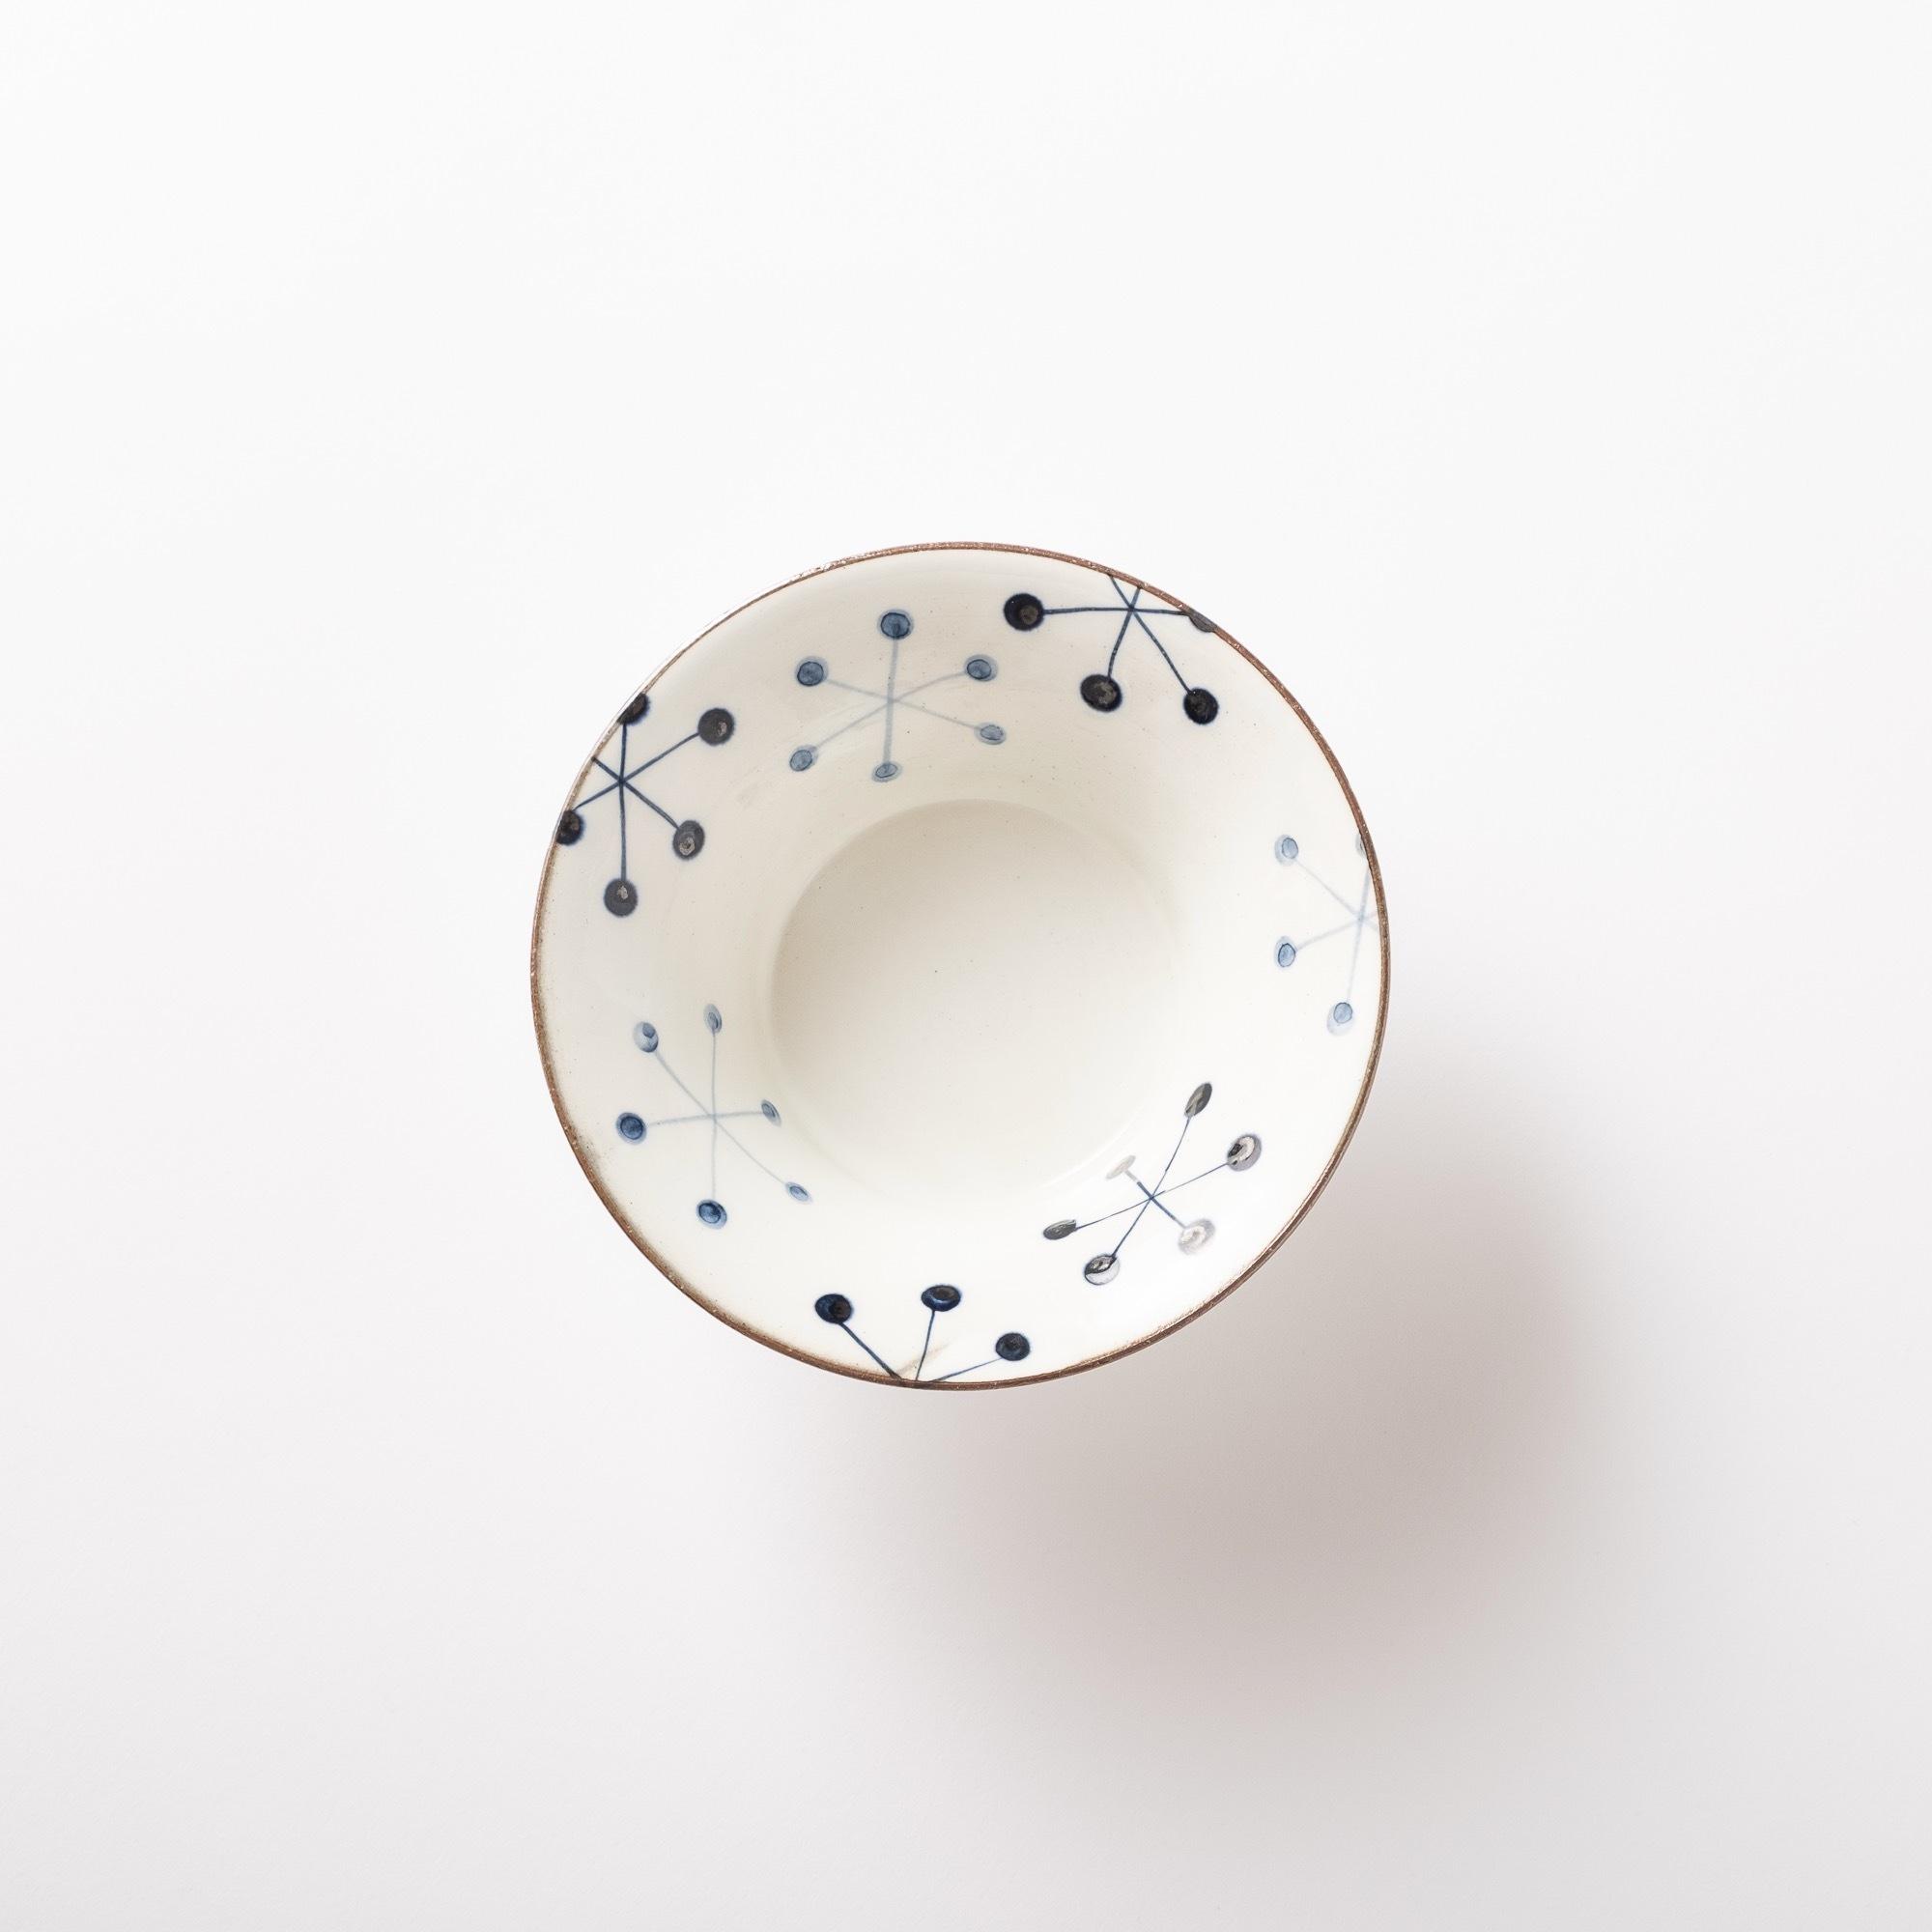 【瀬戸焼】サラダ皿「いんでぃご-ホワイト 六角花 反ボウル」